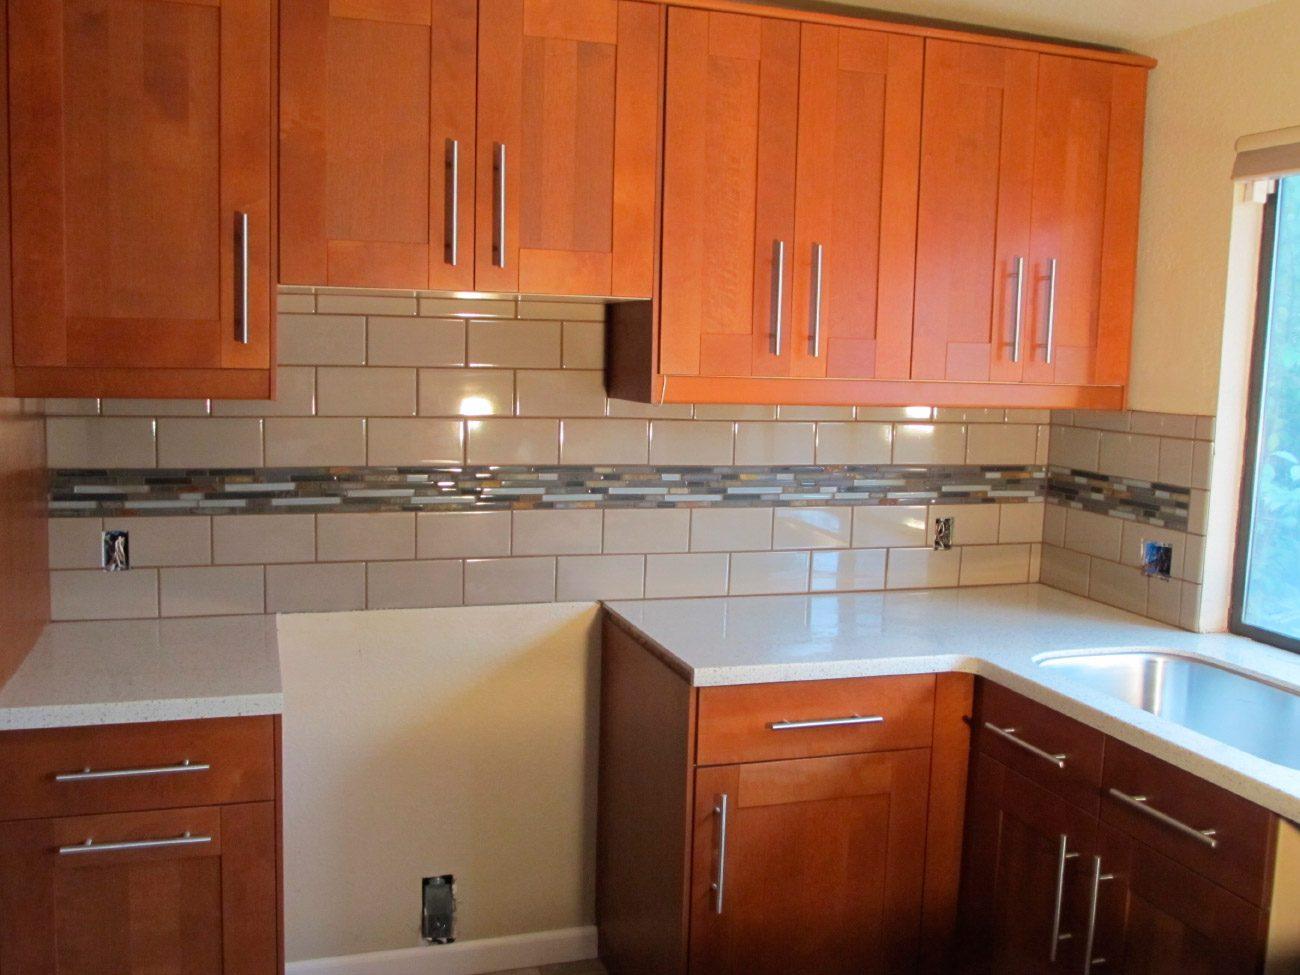 Galer a de im genes revestimientos para la pared de la cocina - Revestimientos paredes cocina ...